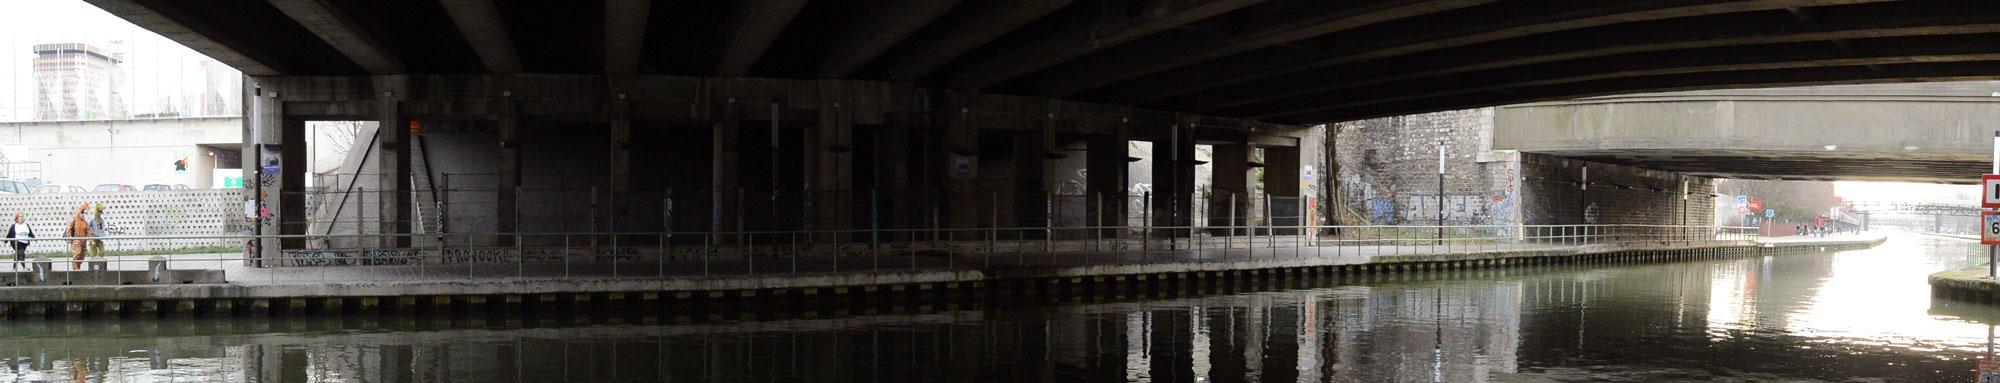 Photo panoramique prise avec le Nikon 1 AW1 : Canal de l'Ourcq, Paris 01 2014. Ph. Moctar KANE.